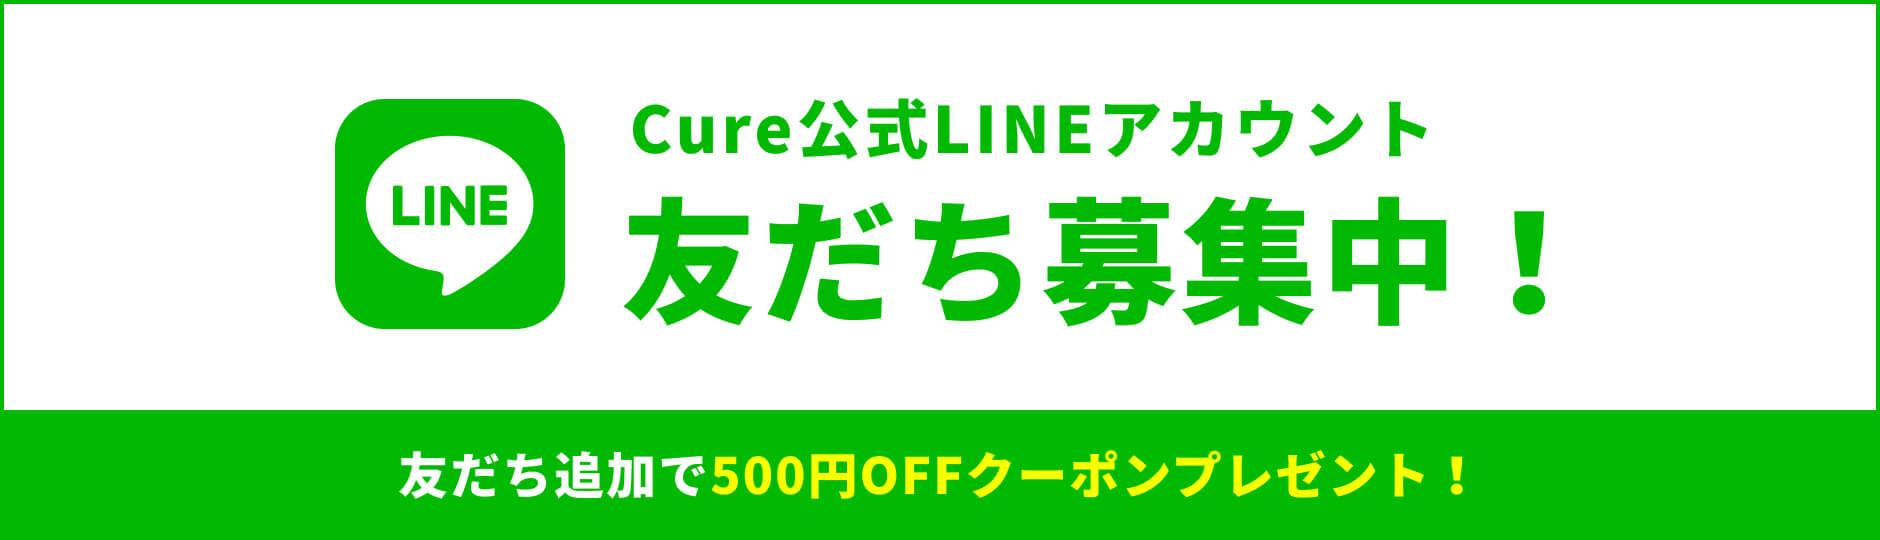 Cure公式LINEアカウント 友だち募集中!